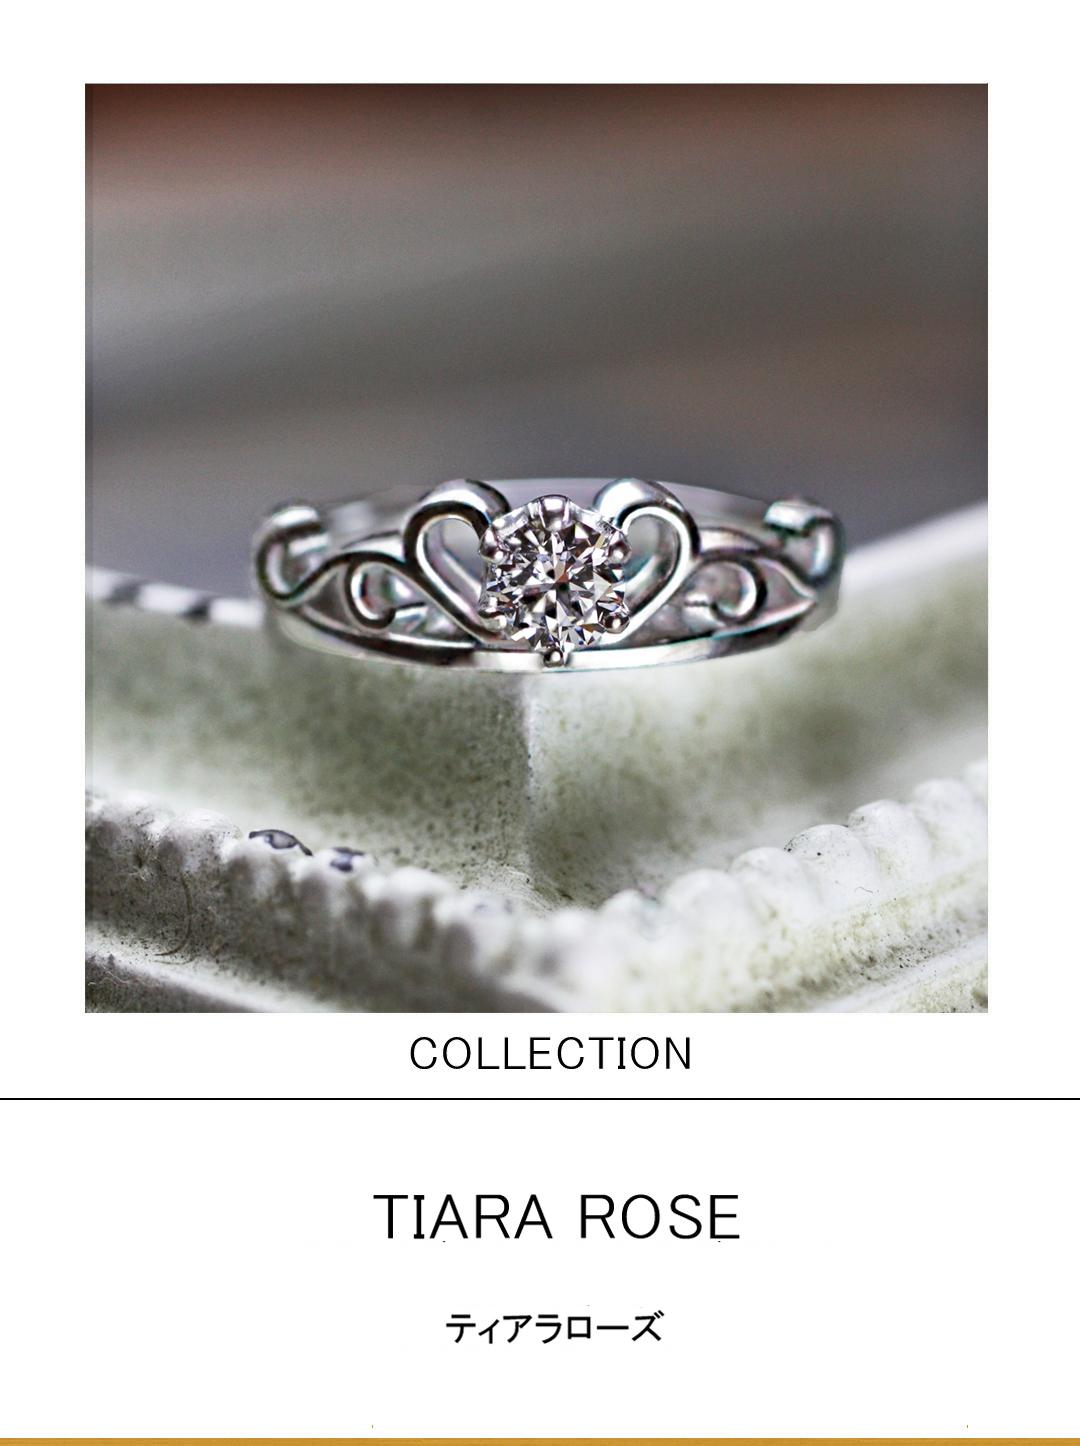 バラの花かんむりをモチーフにしたティアラデザインの婚約指輪のサムネイル